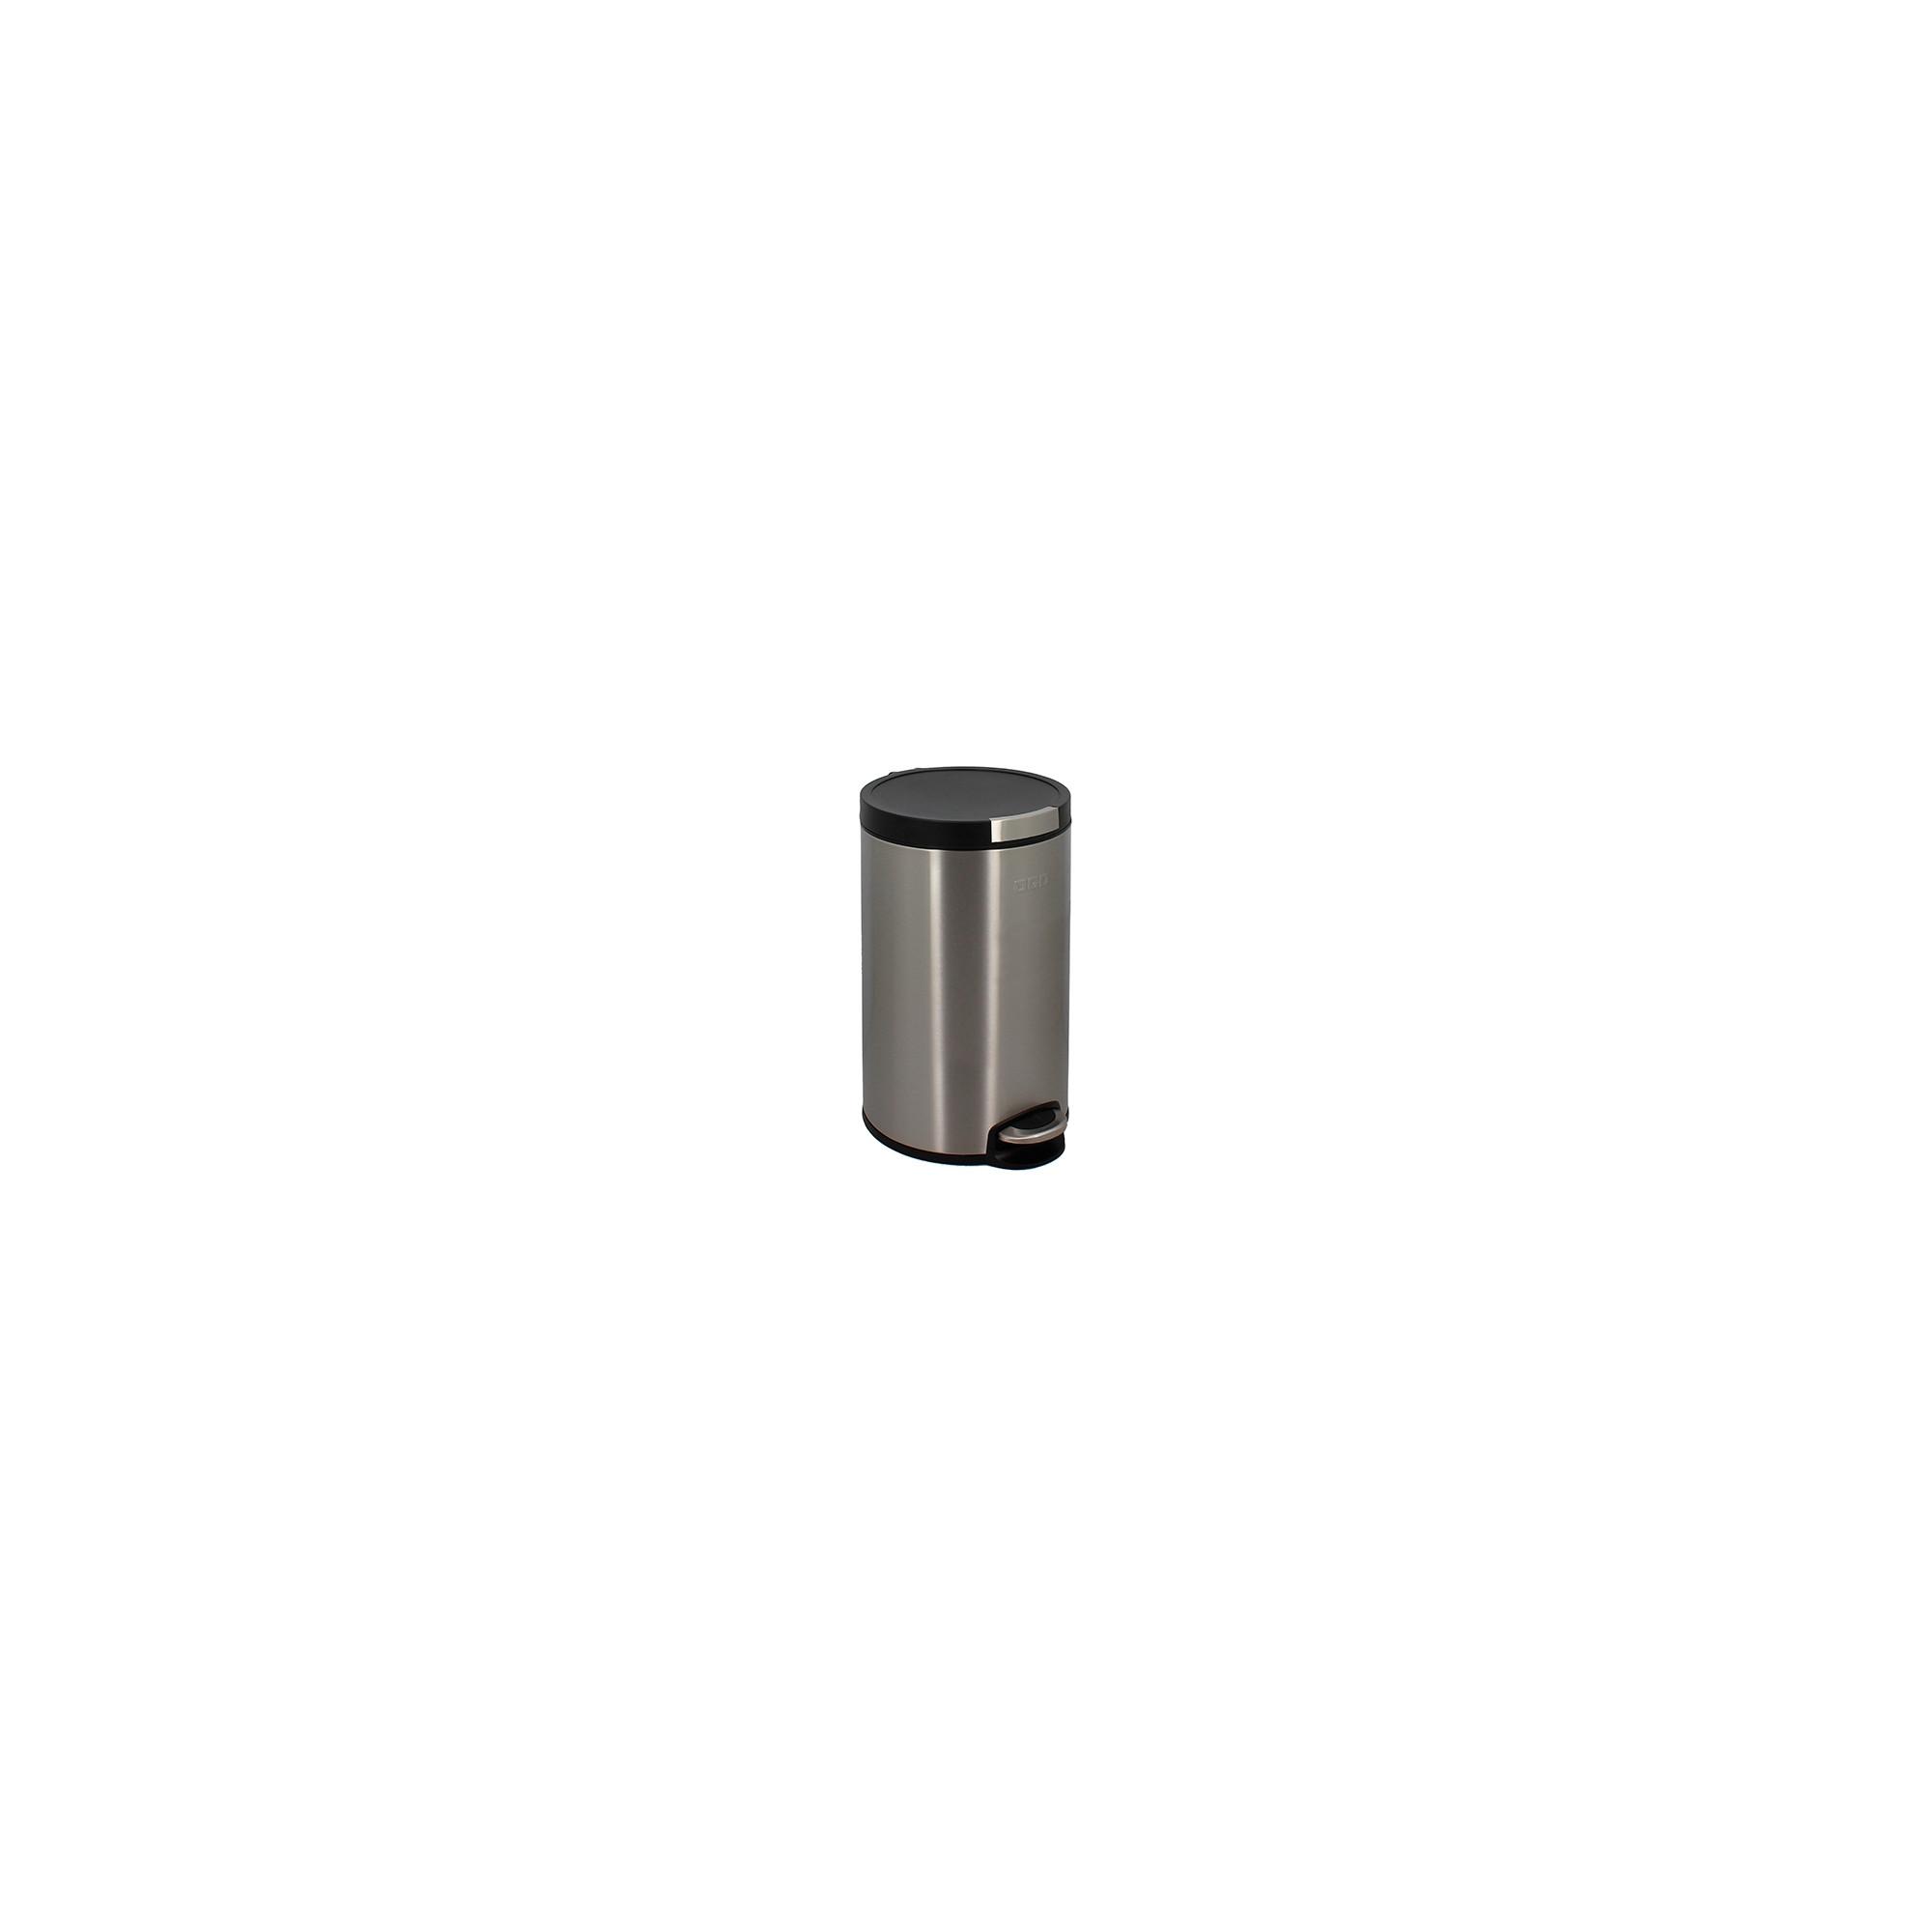 Poubelle Cylindrique 12L Inox brossé anti-trace de doigts